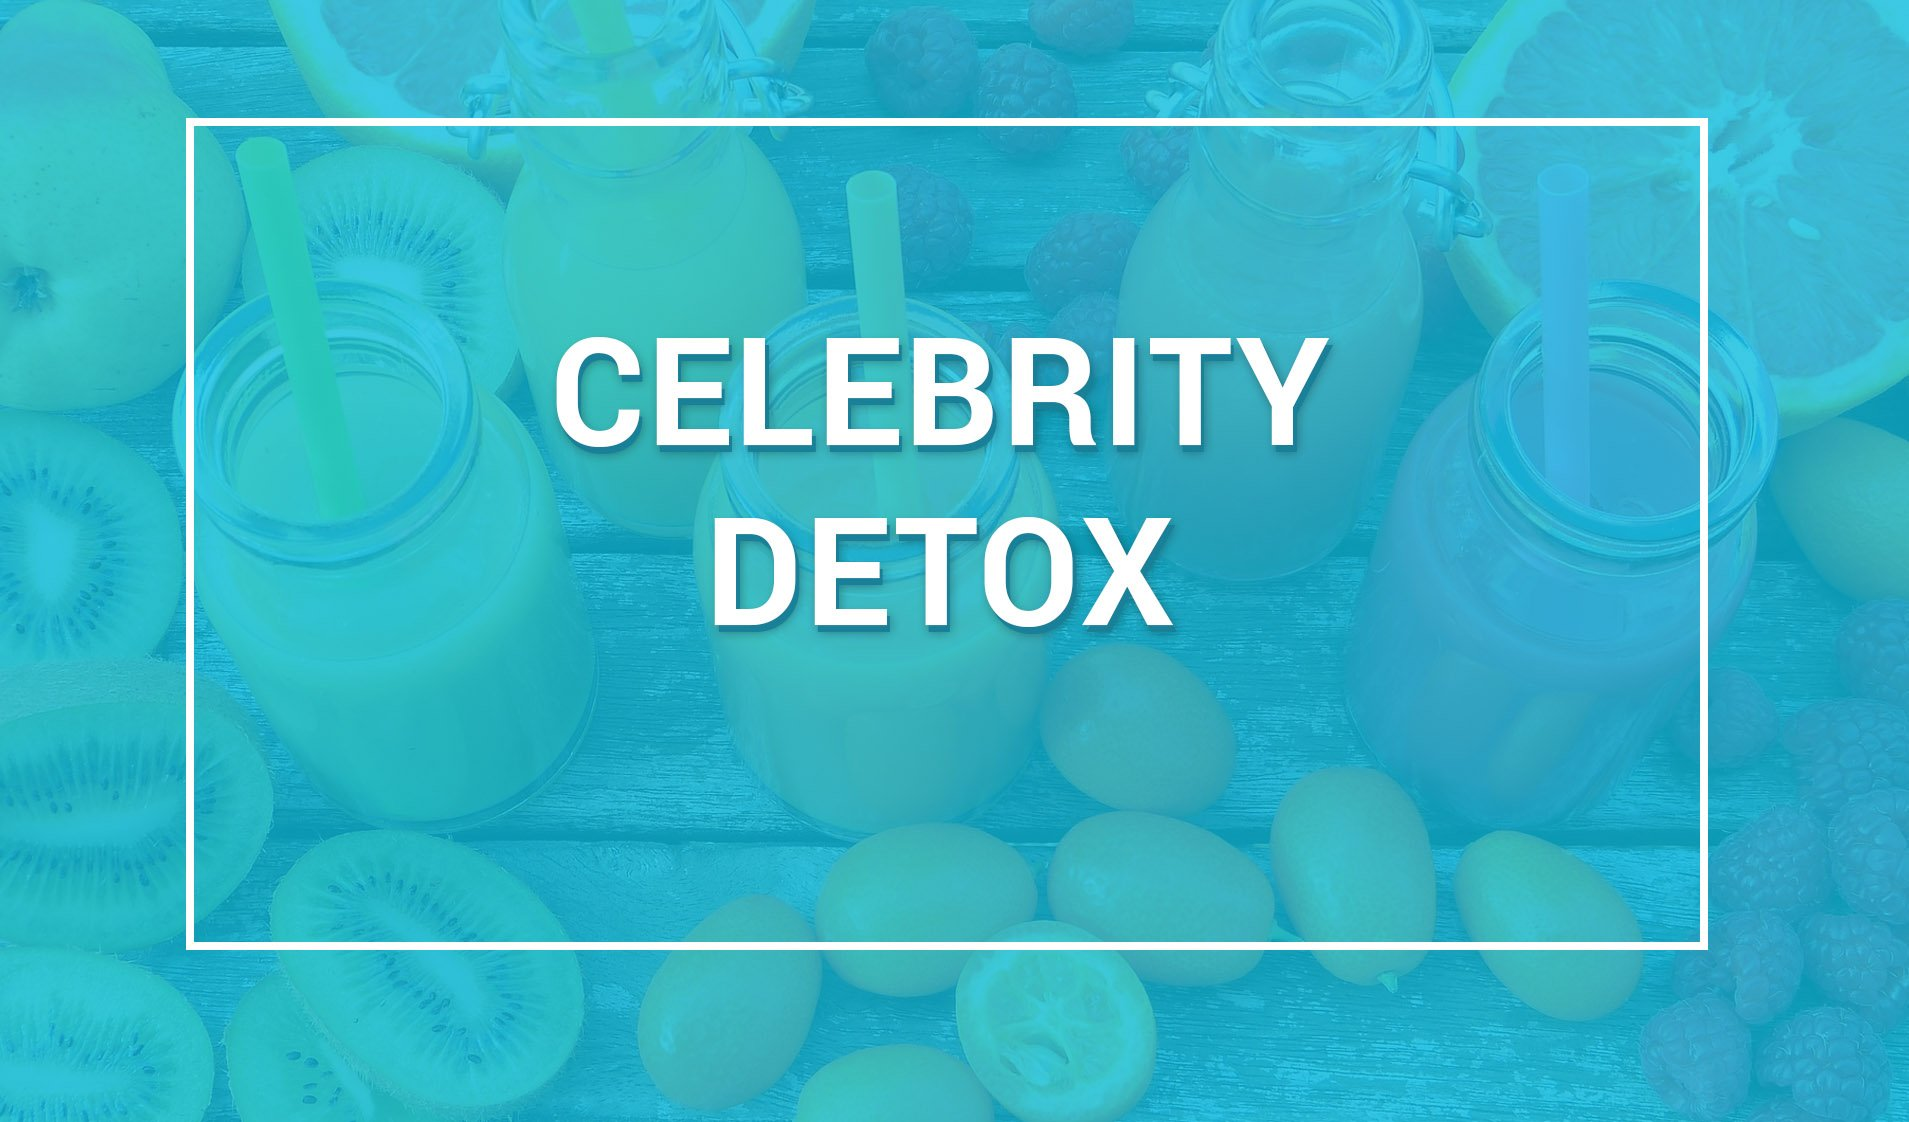 celebrity detox hover2